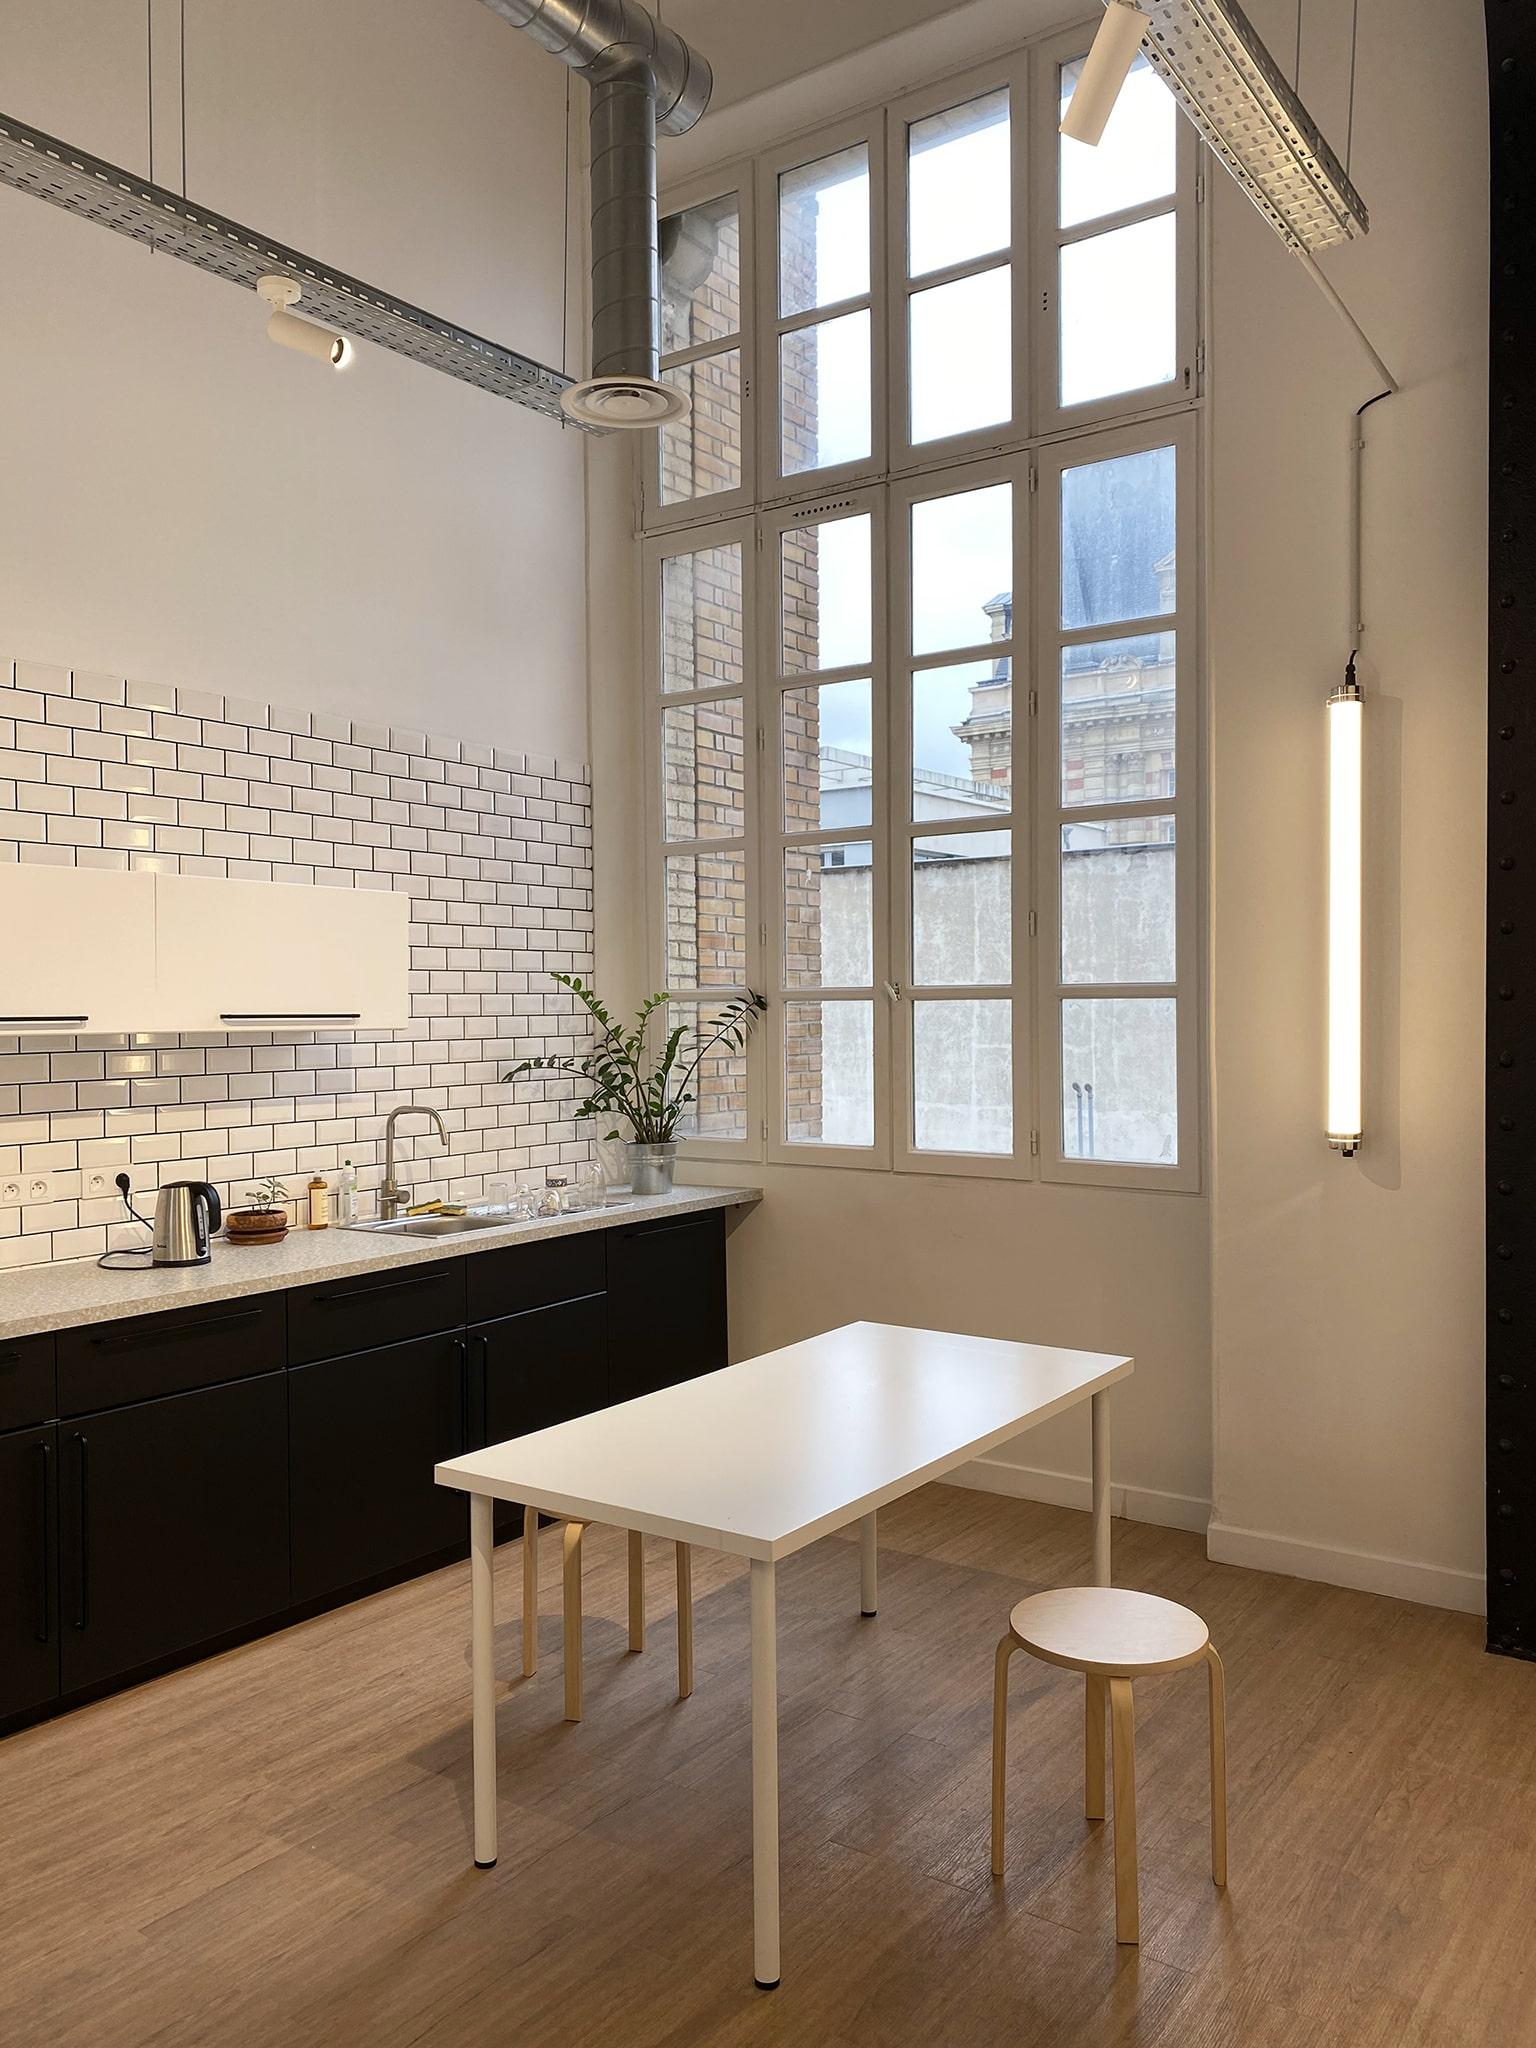 versailles-amenagement-centre-de-coworking-architecture-favresse-architectes-21